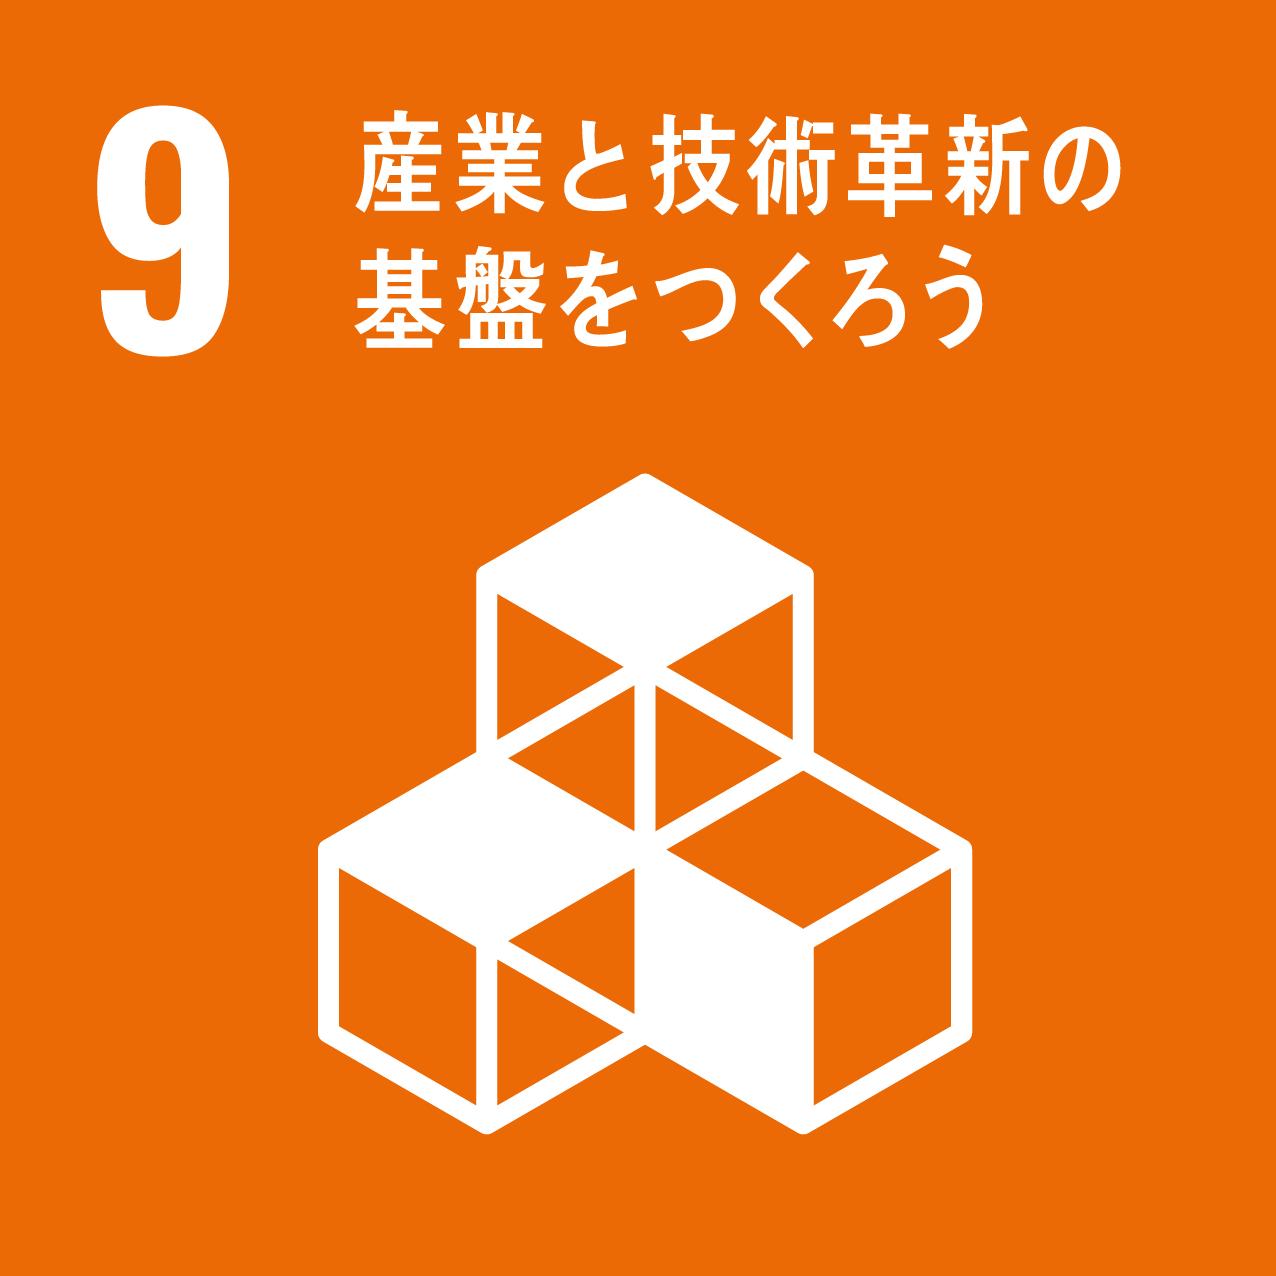 9.産業と技術革新の基盤を作ろう